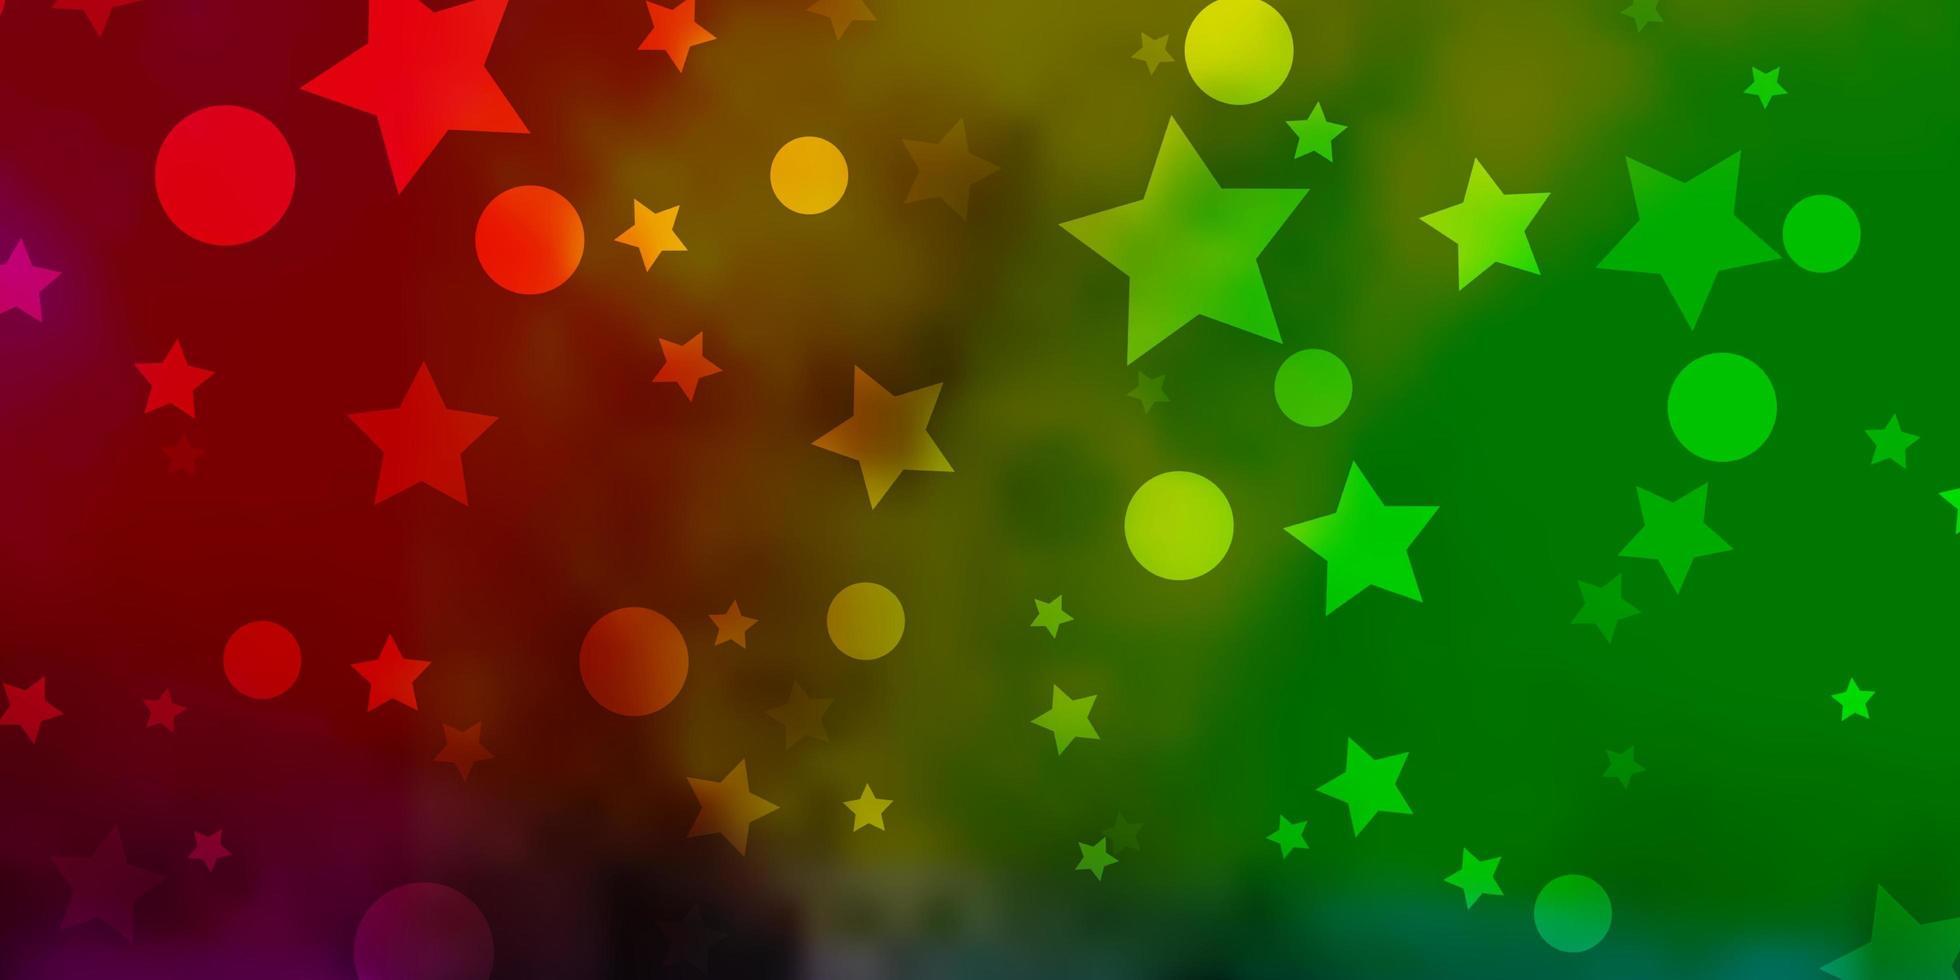 fond de vecteur multicolore clair avec des cercles, des étoiles.